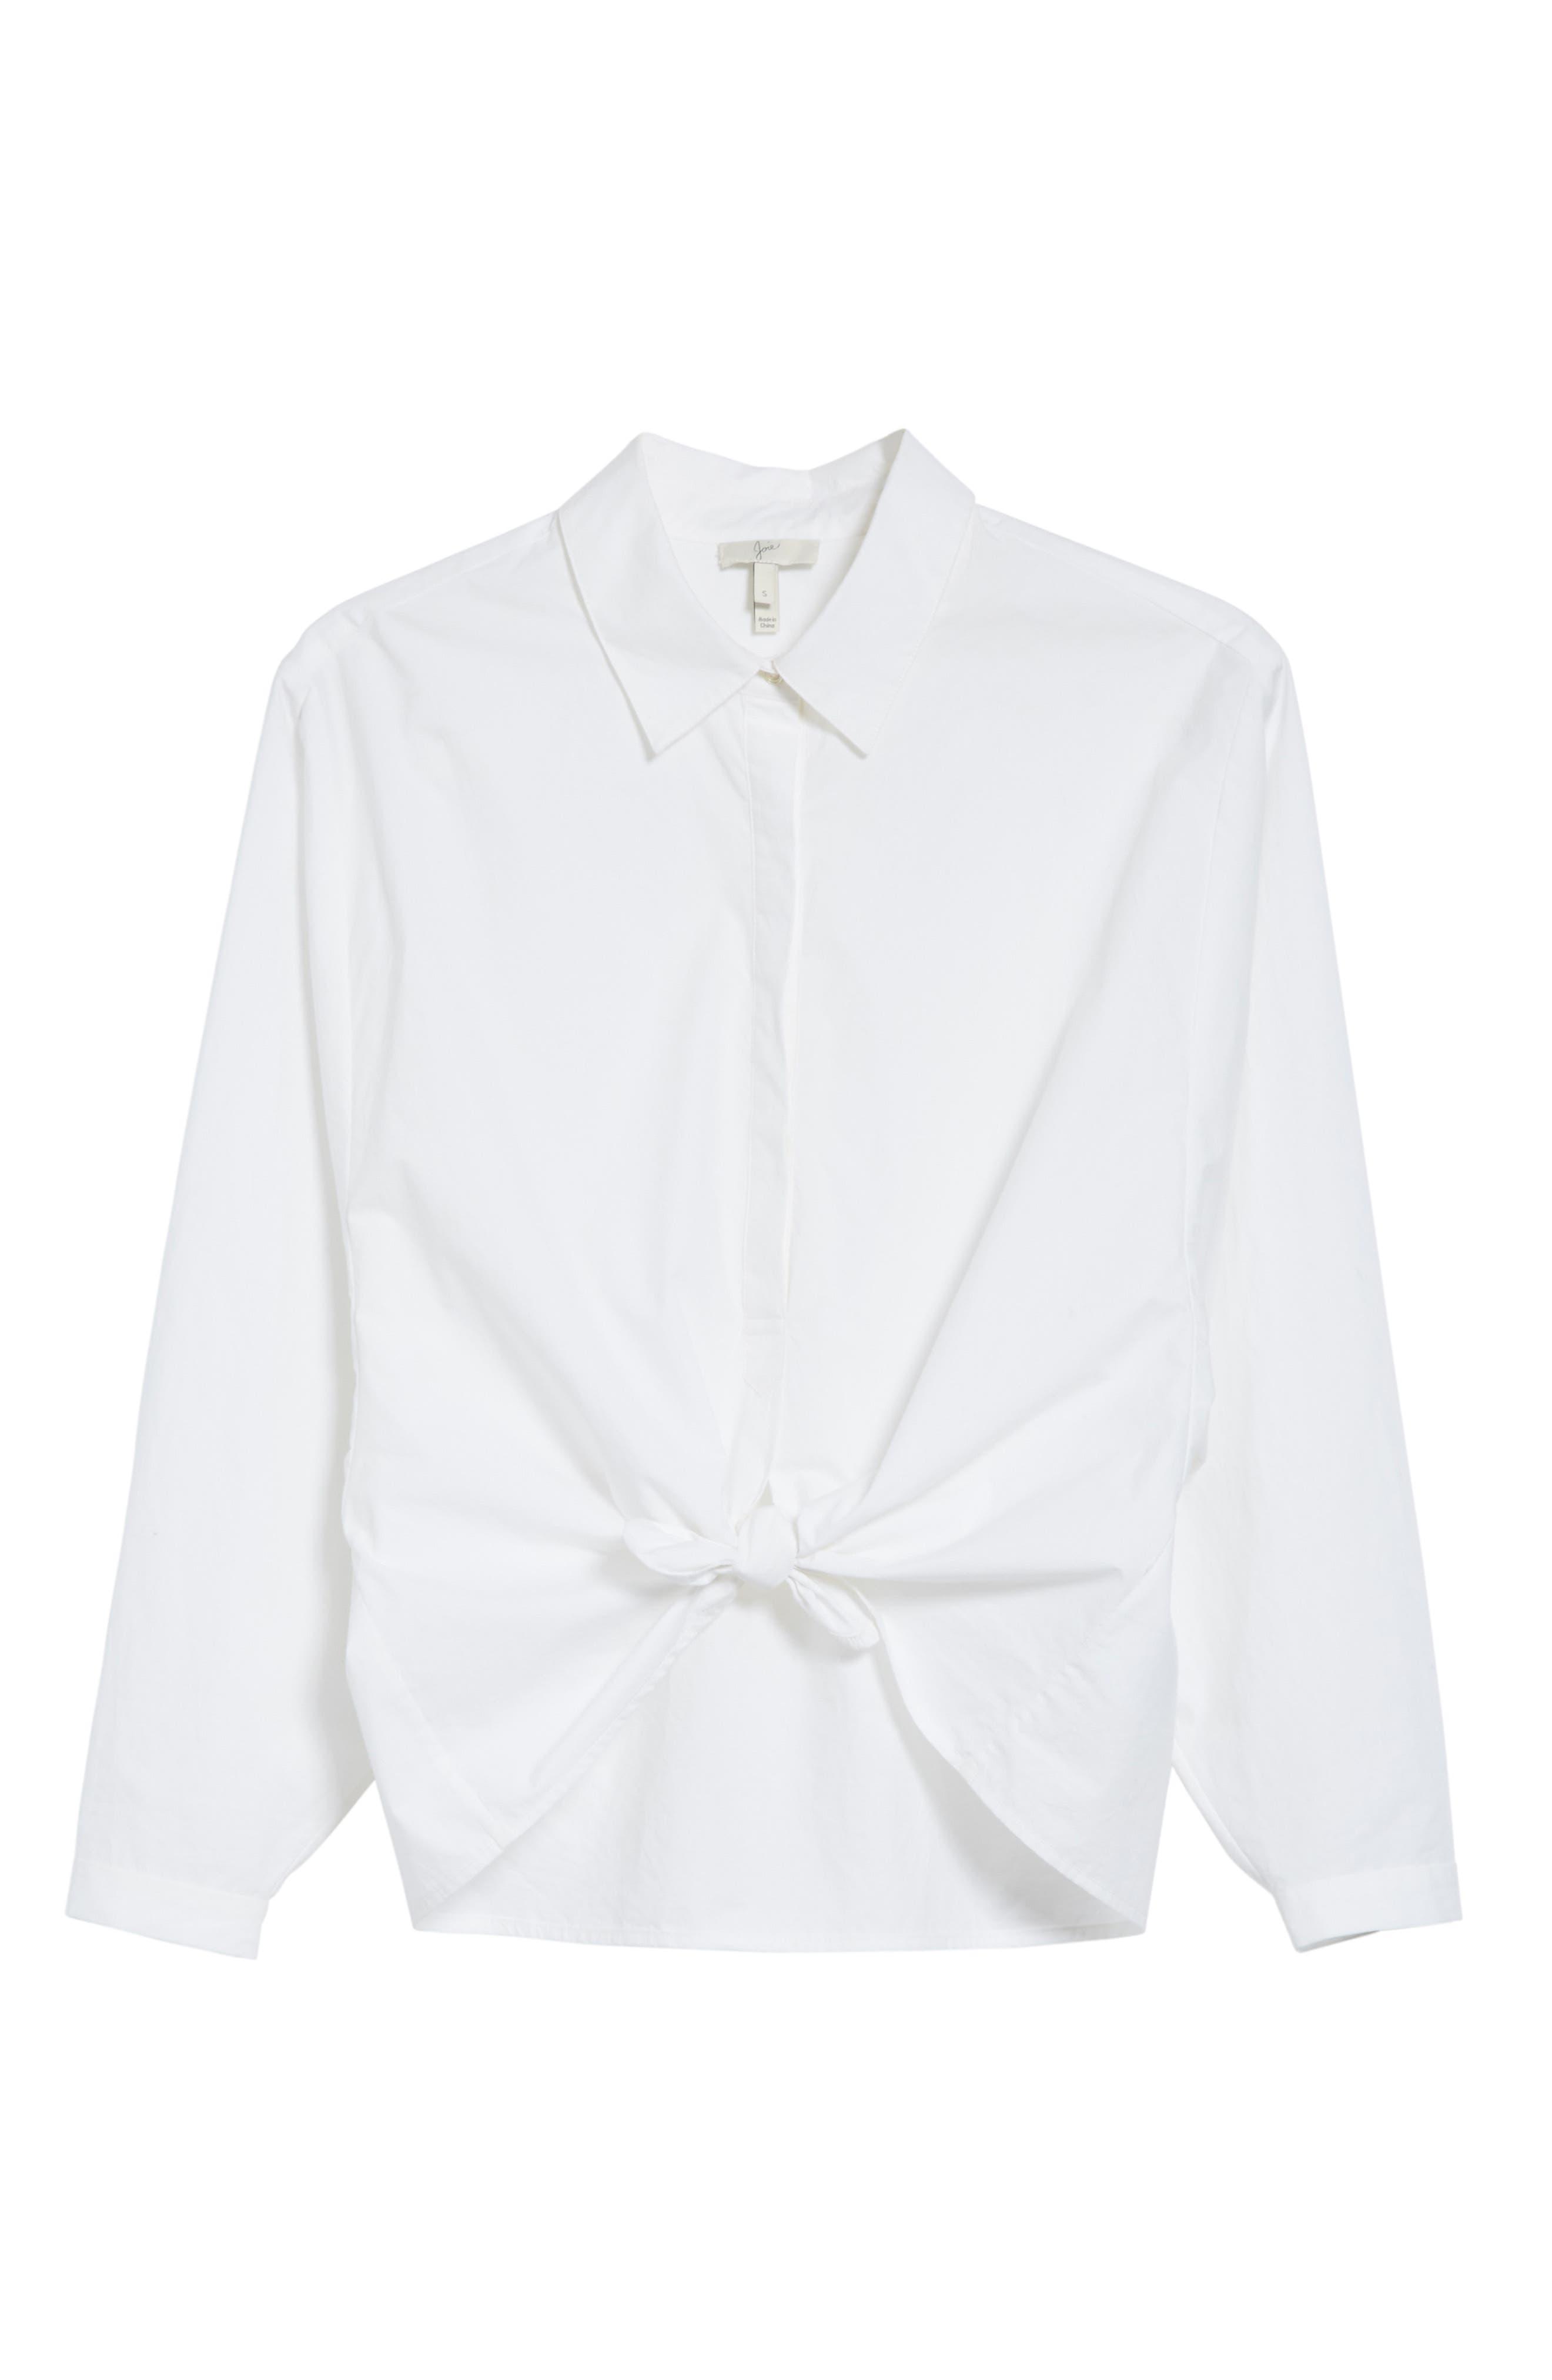 Anjanique B Button Down Cotton Shirt,                             Alternate thumbnail 6, color,                             121